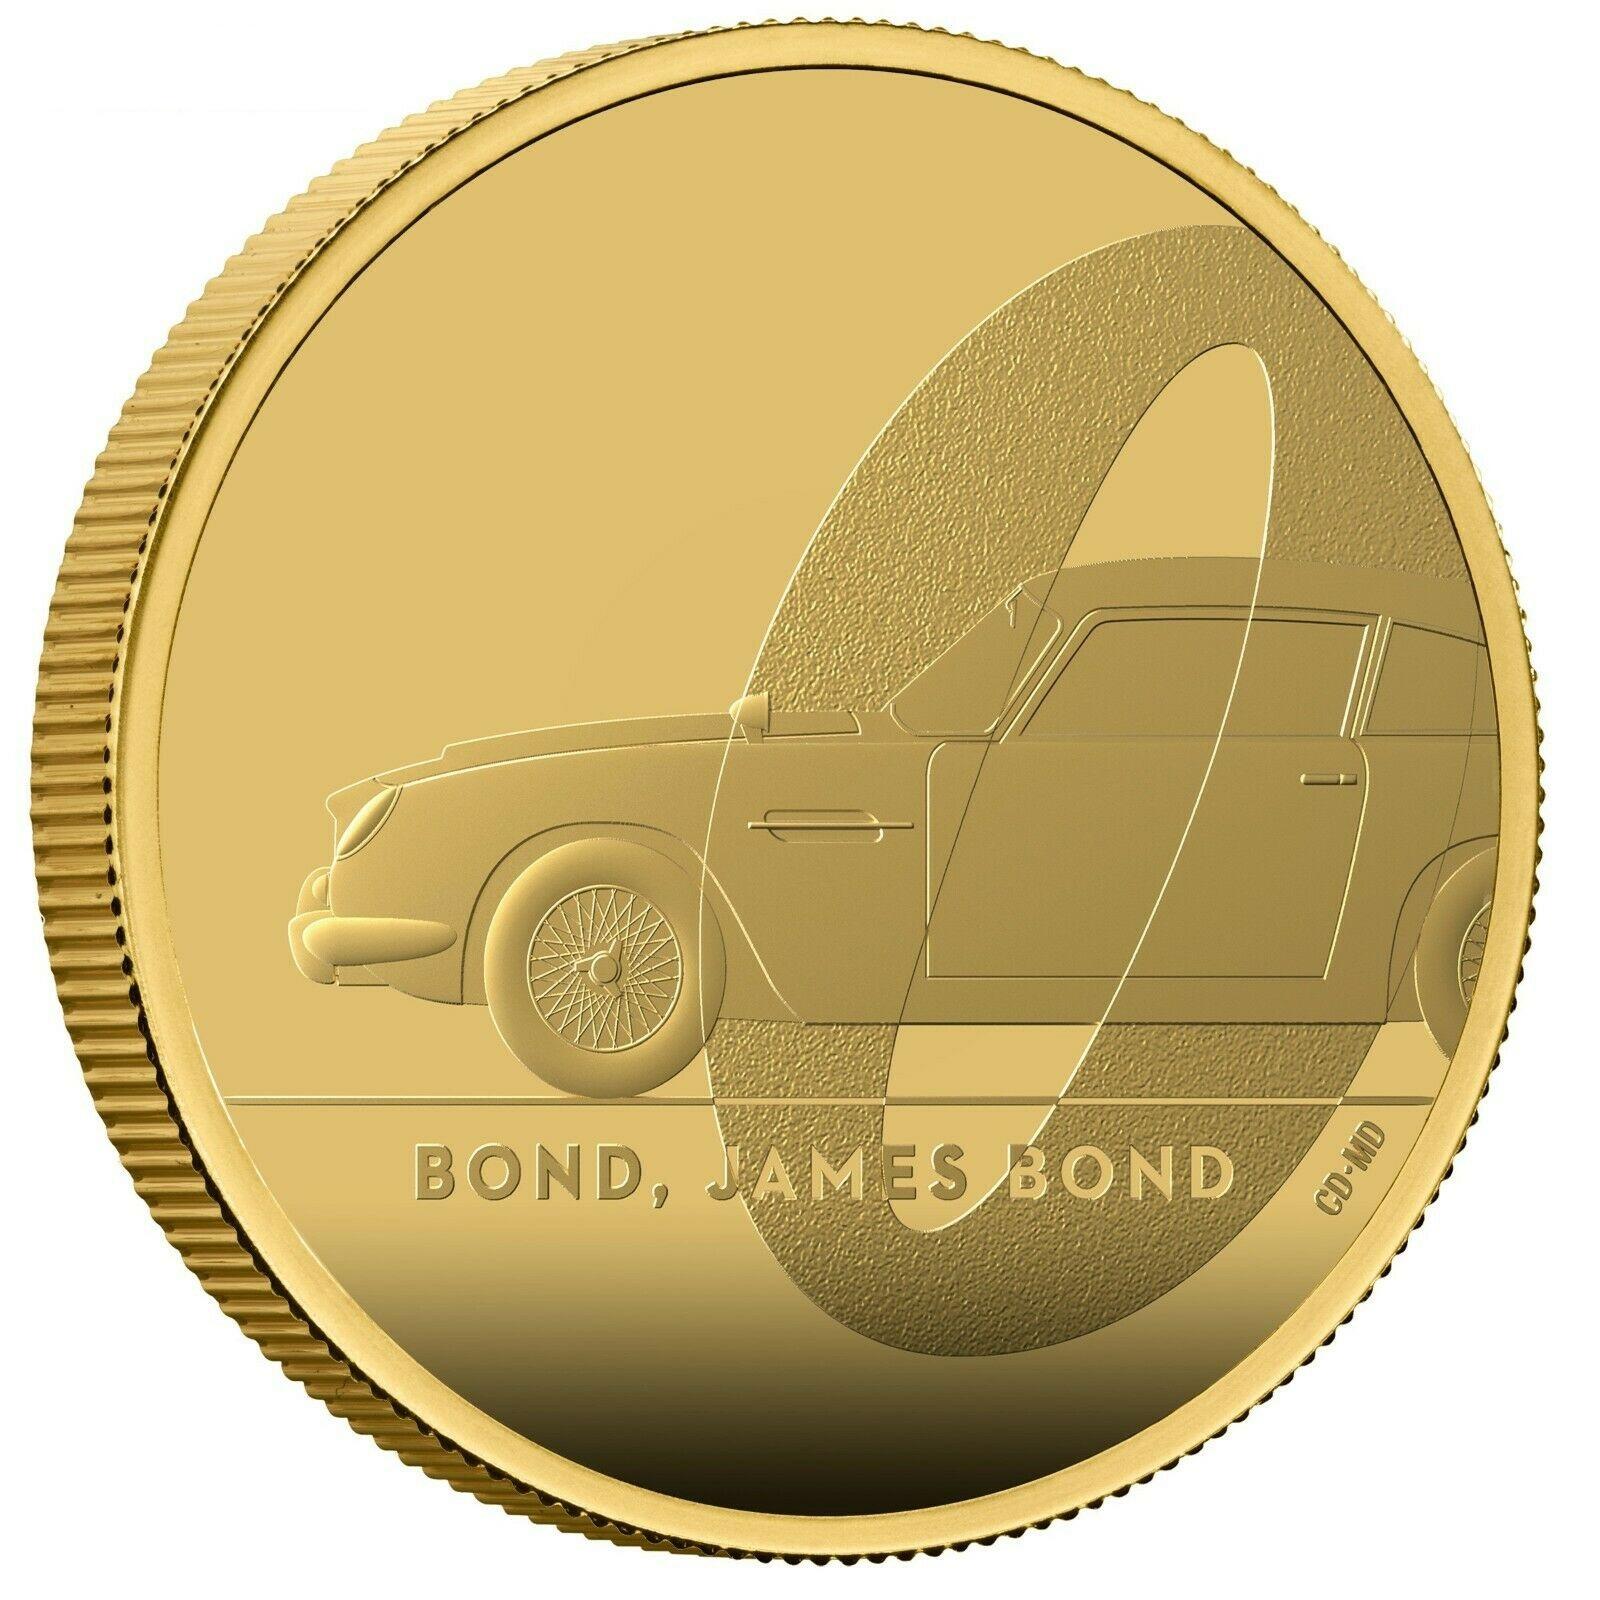 グレートブリテン2020年エリザベスII世1オンス100ポンドプルーフ純金金貨ジェームズボンド007NGC社-PF70UCAM-6027700-016